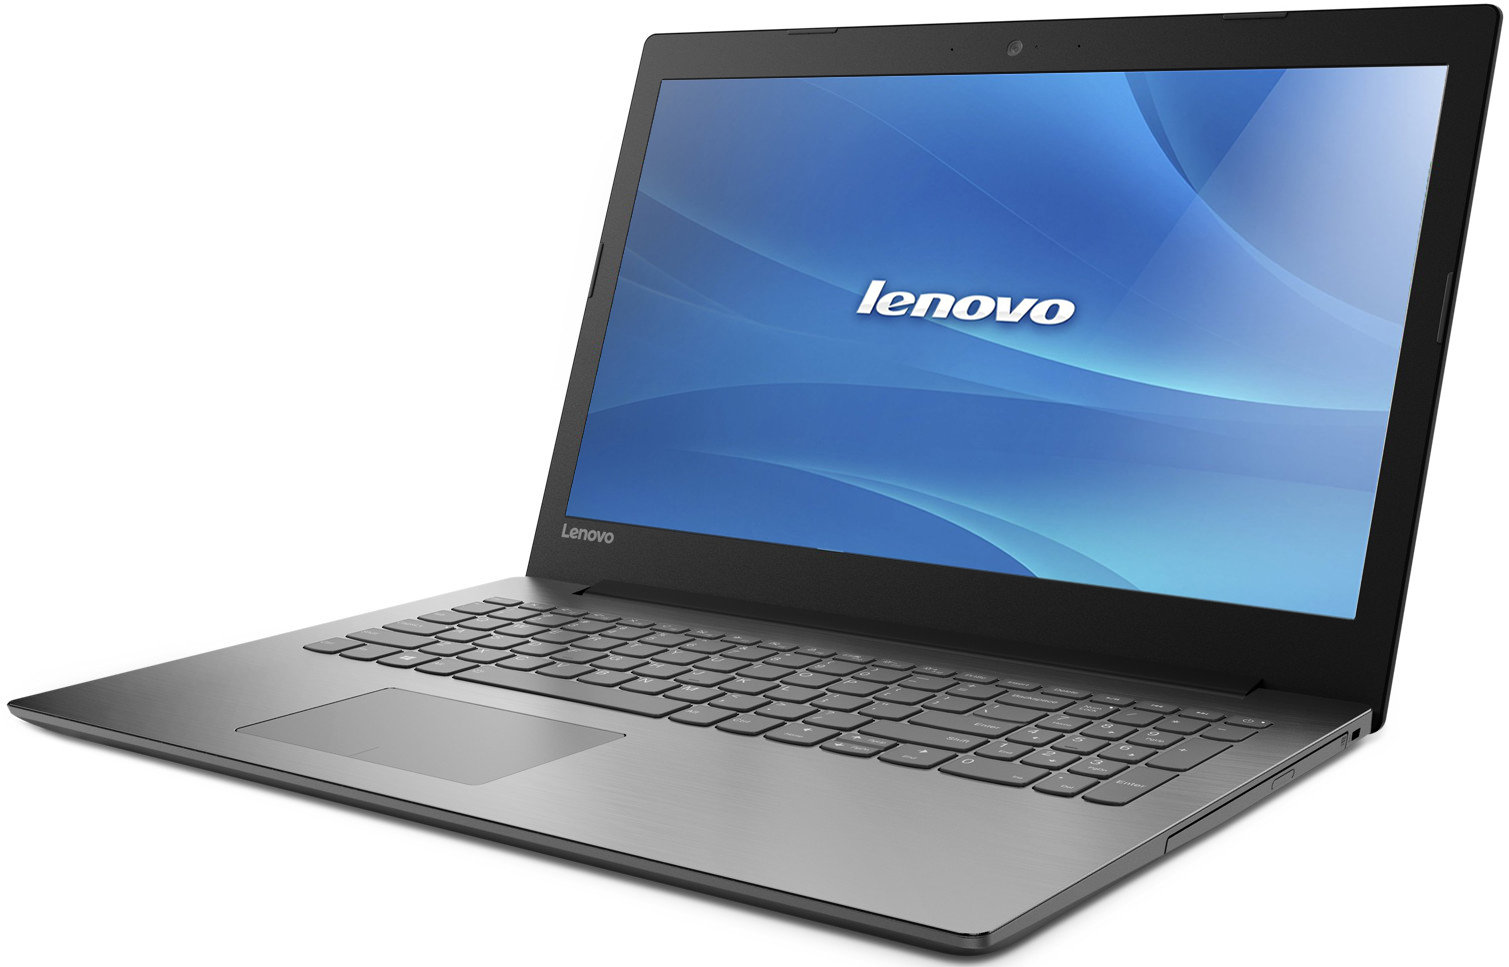 Матрицы ноутбуков Lenovo - партномера, характеристики, аналоги матриц ноутбуков Lenovo